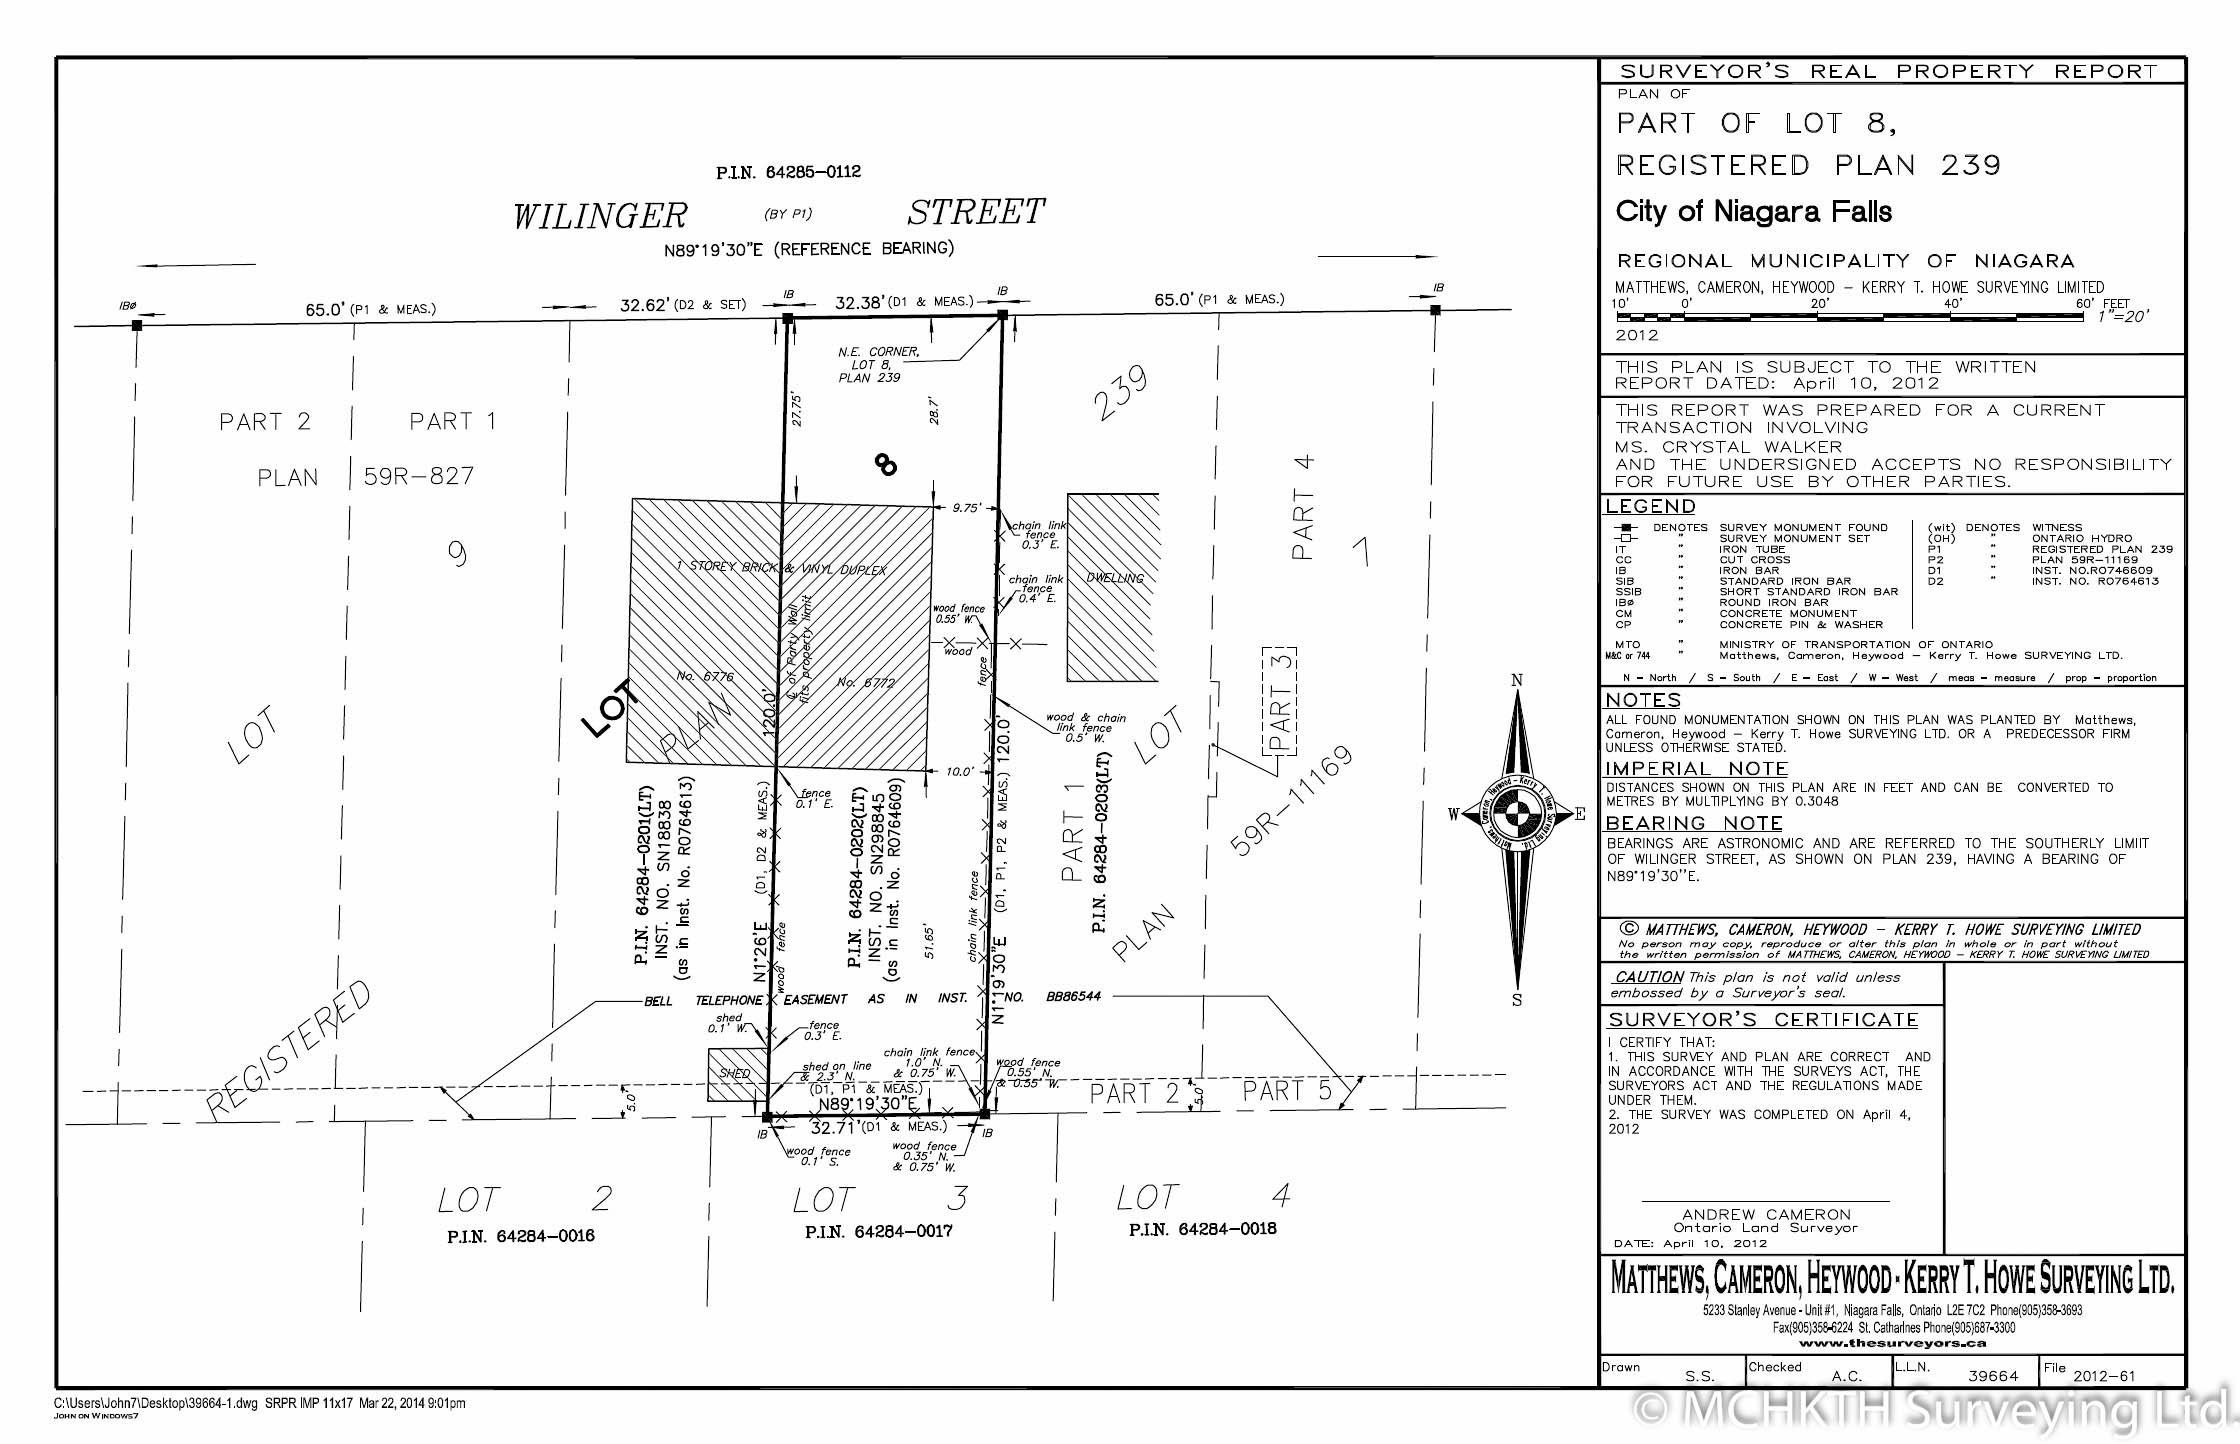 Matthews Cameron Surveyors Surveyor S Real Property Report